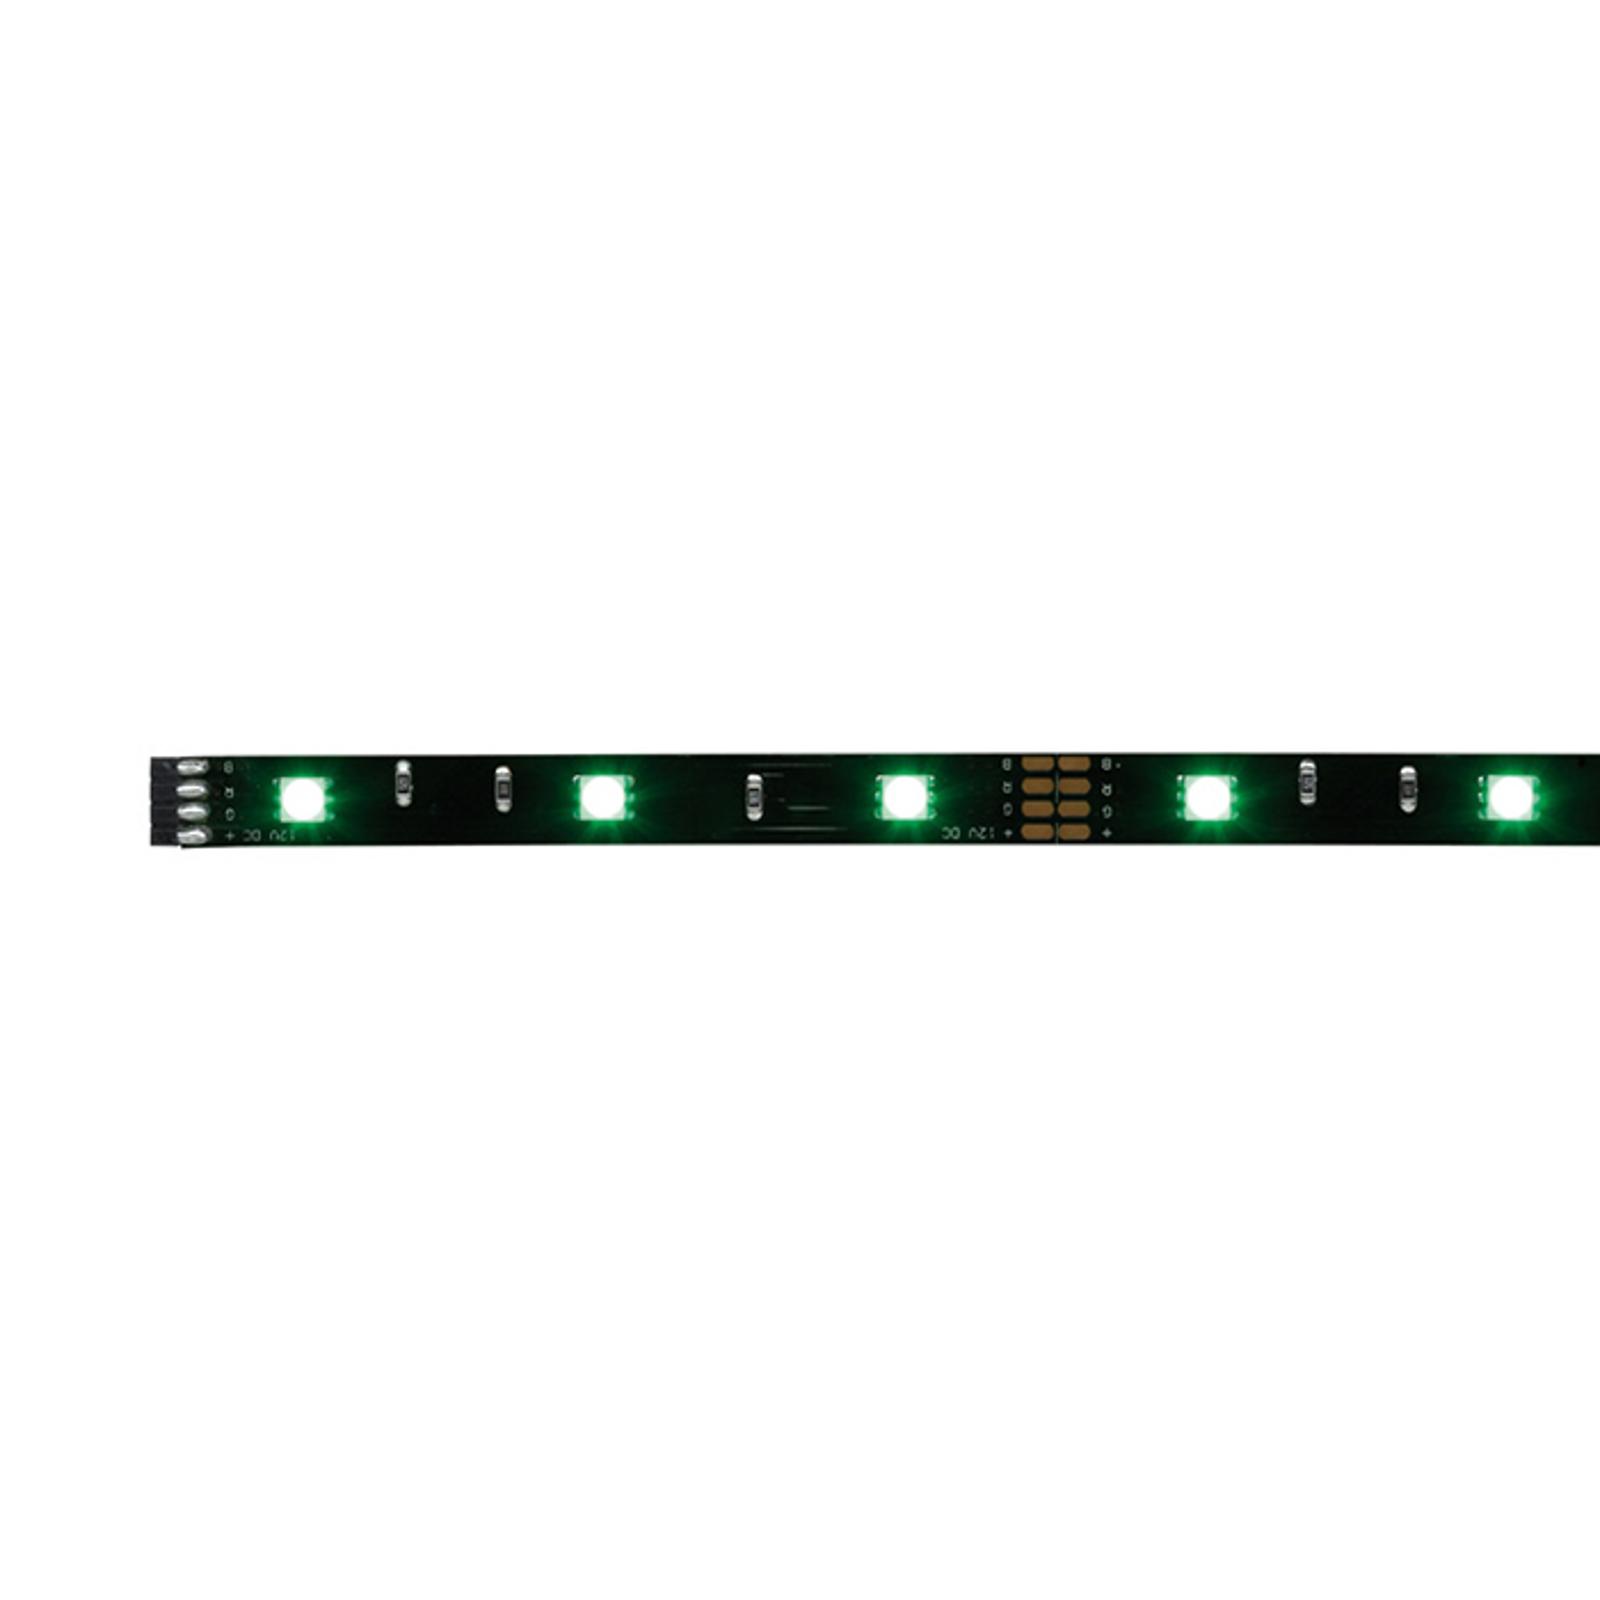 Eco-LED-nauha YourLED, RGB-värinvaihto